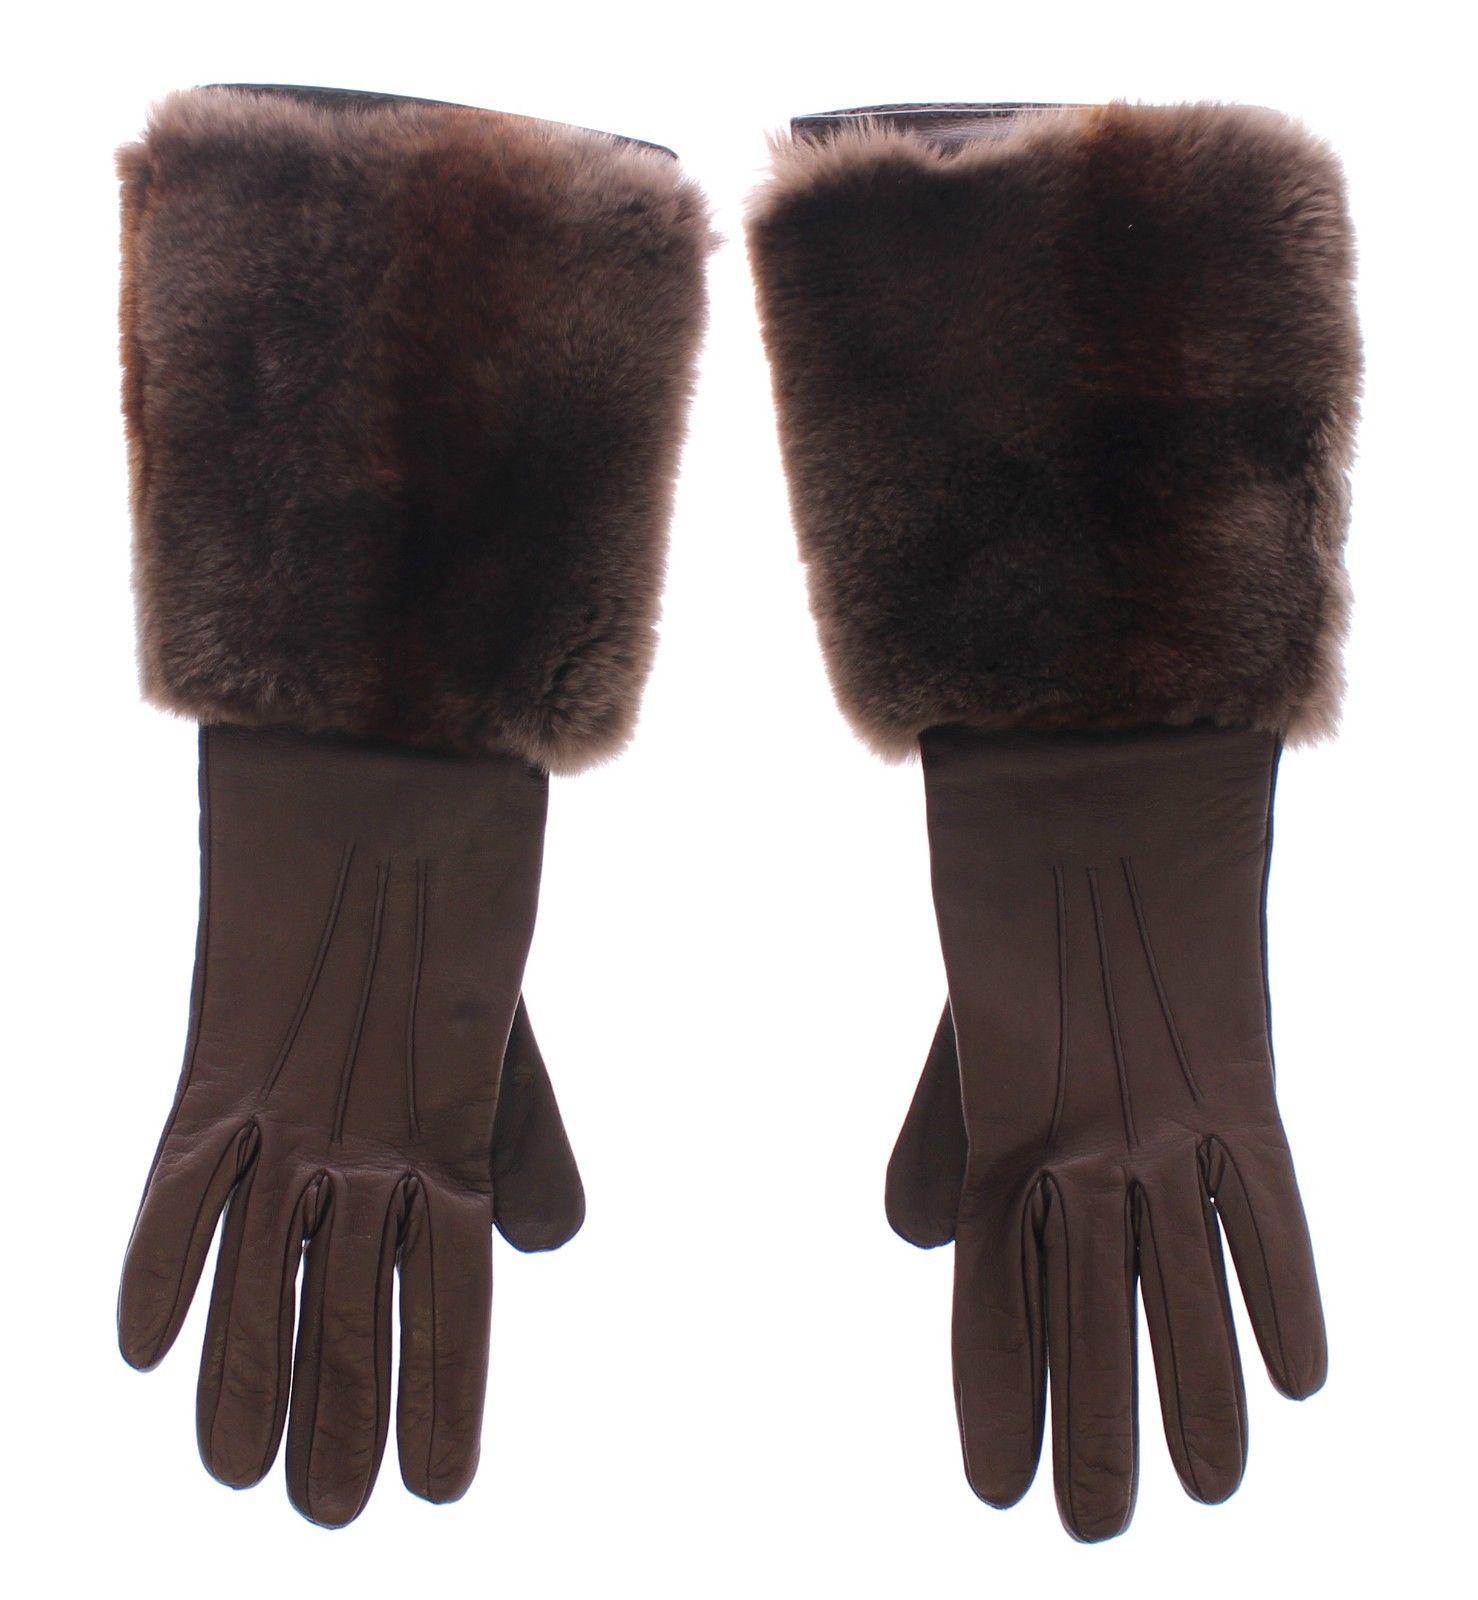 Dolce & Gabbana Women's Rabbit Fur Lambskin Leather Gloves Silk MOM11433 - 7 | S